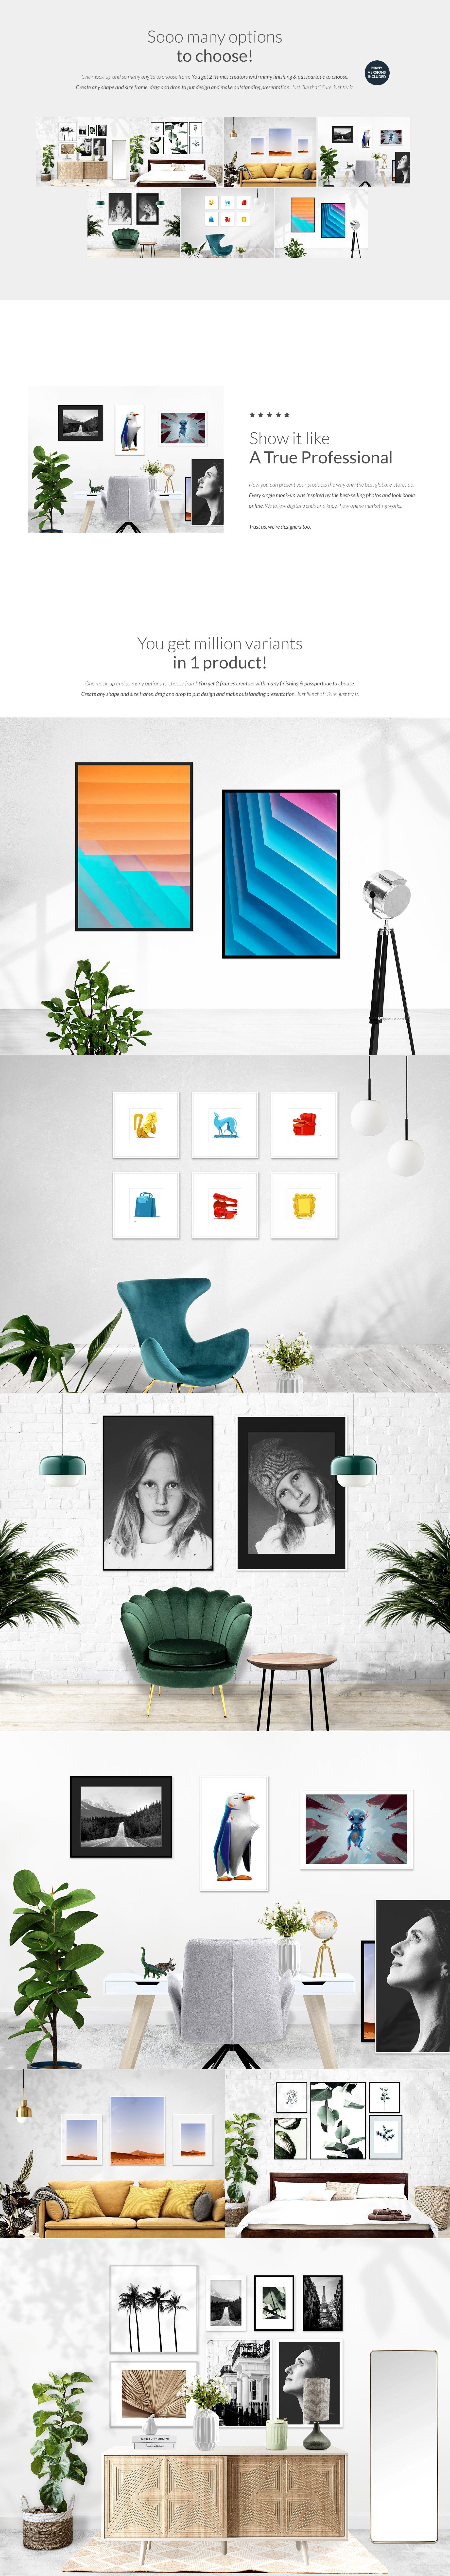 多款式海报艺术品展示相框样机模板素材 Automatic Frame Creator + Scenes插图4